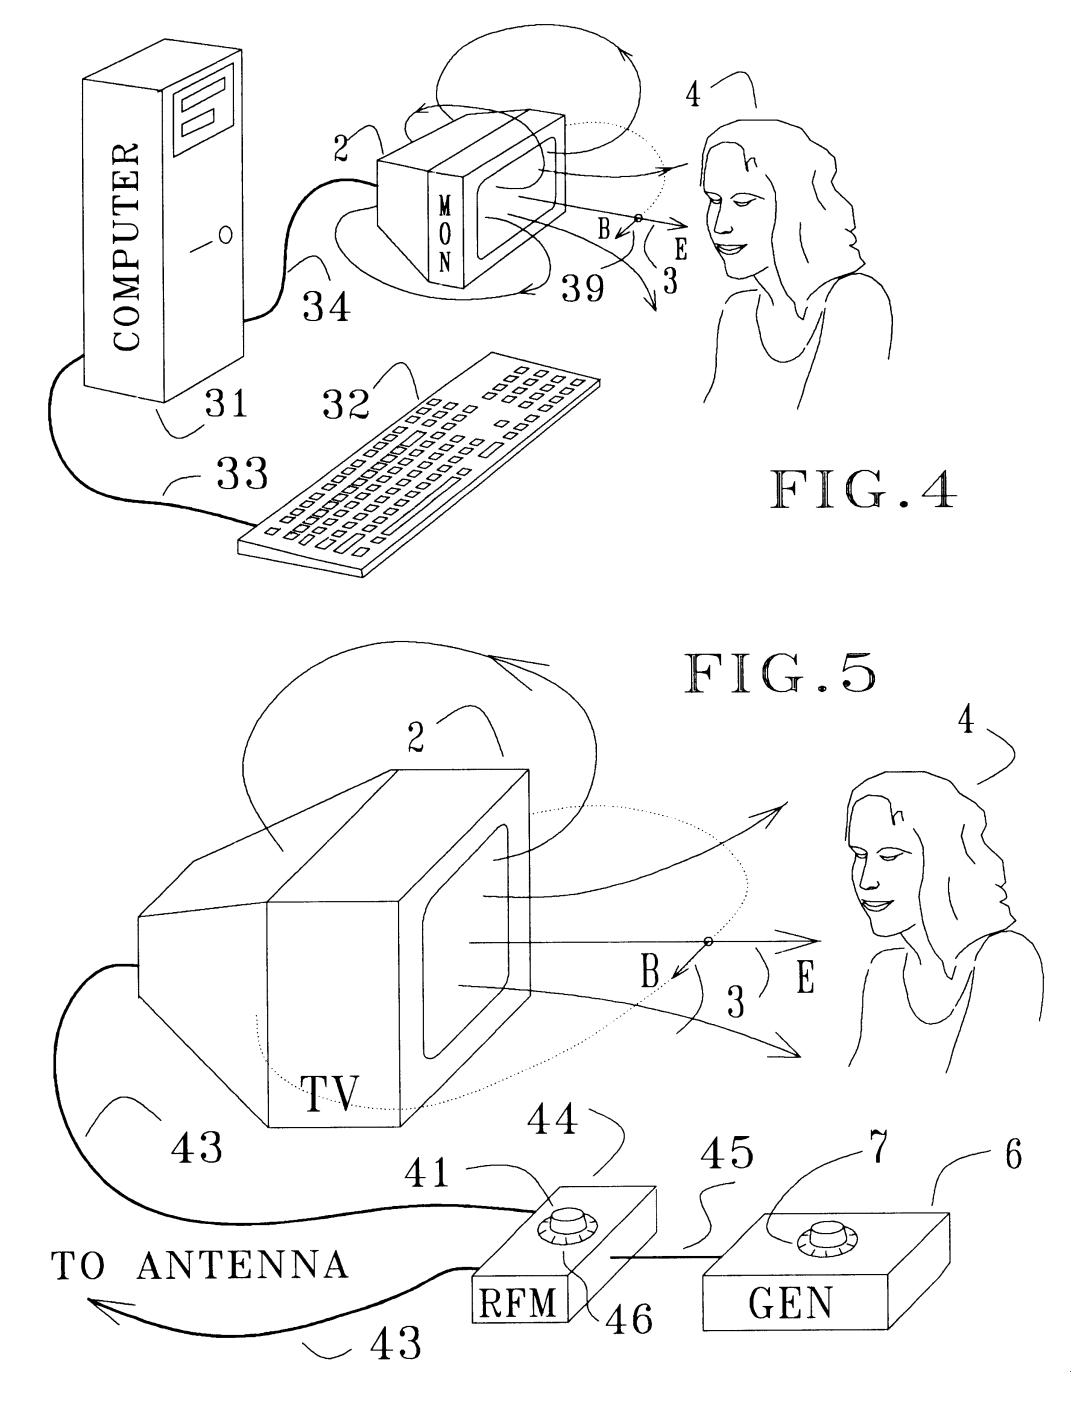 patent-tv